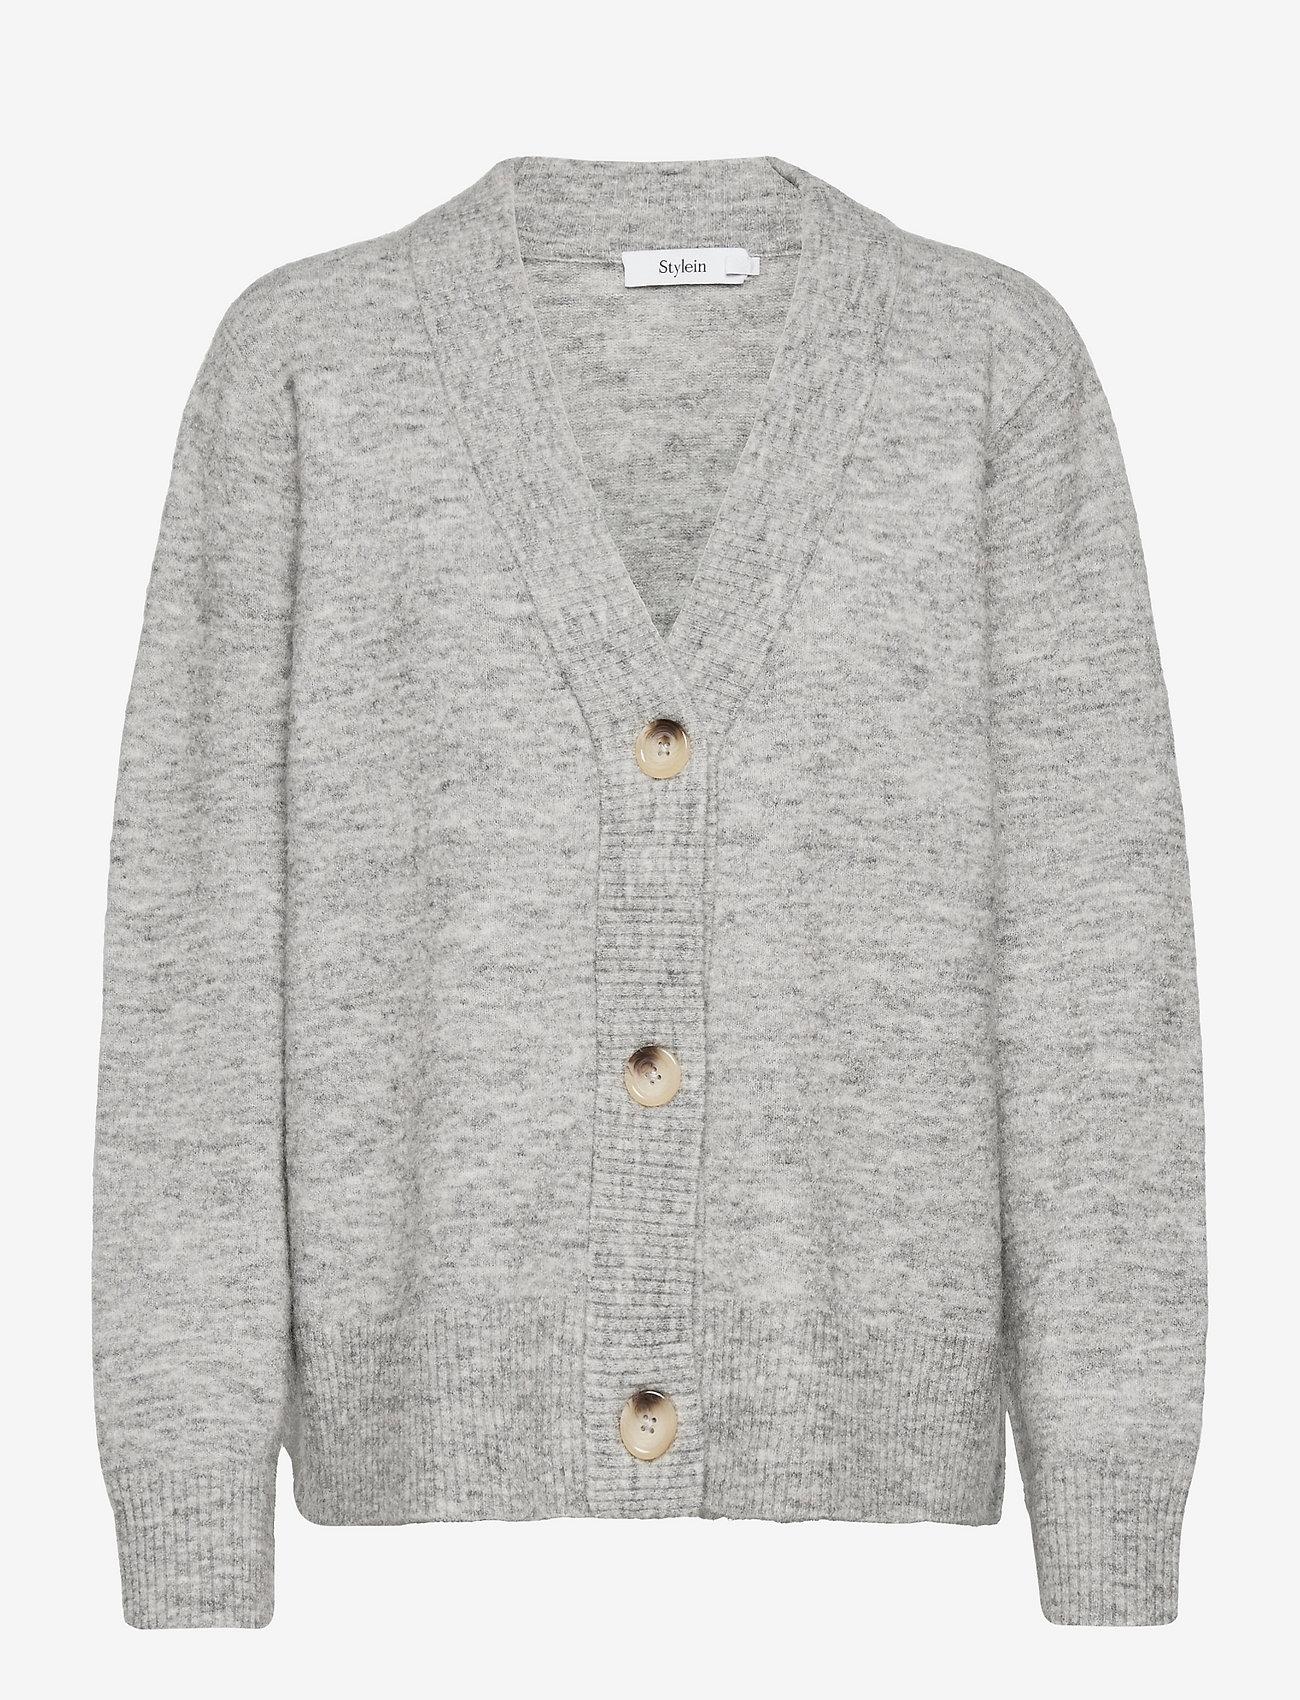 Stylein - ELLIE CARDIGAN - vesten - light grey - 0